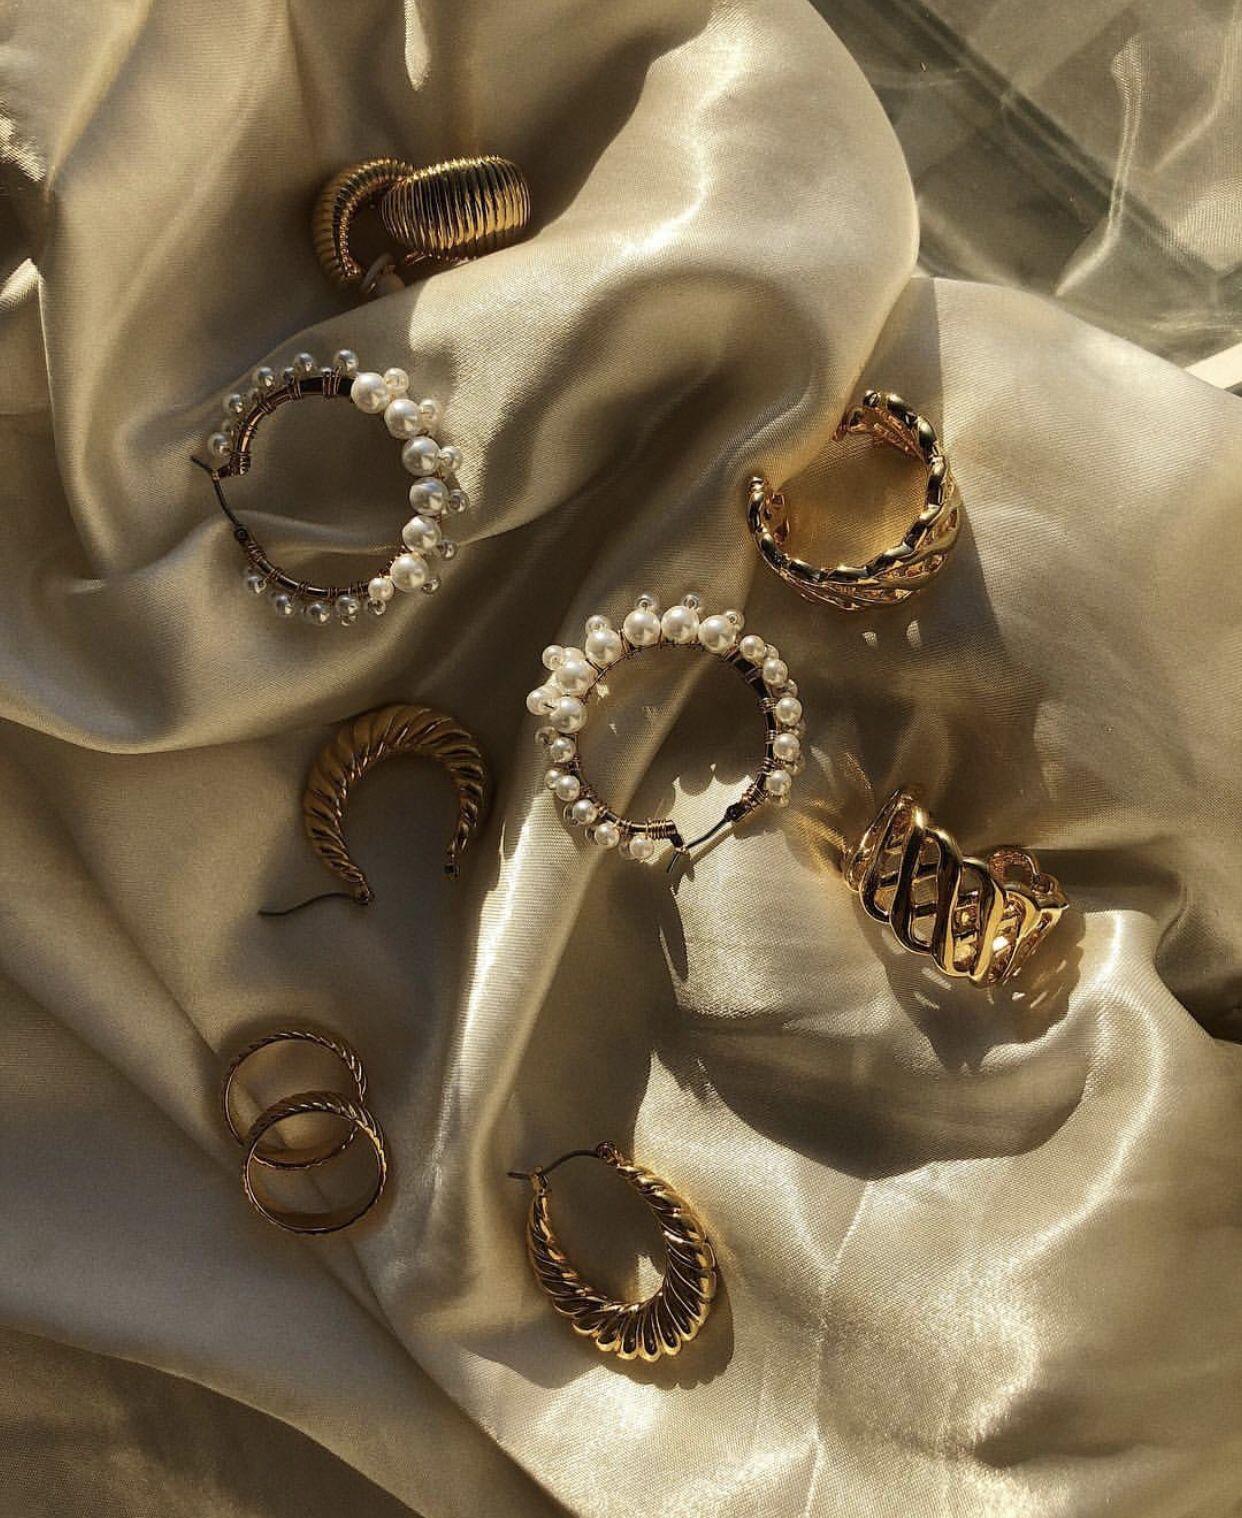 nakdfashion jewelry earrings Jewelry outfit, Jewelry